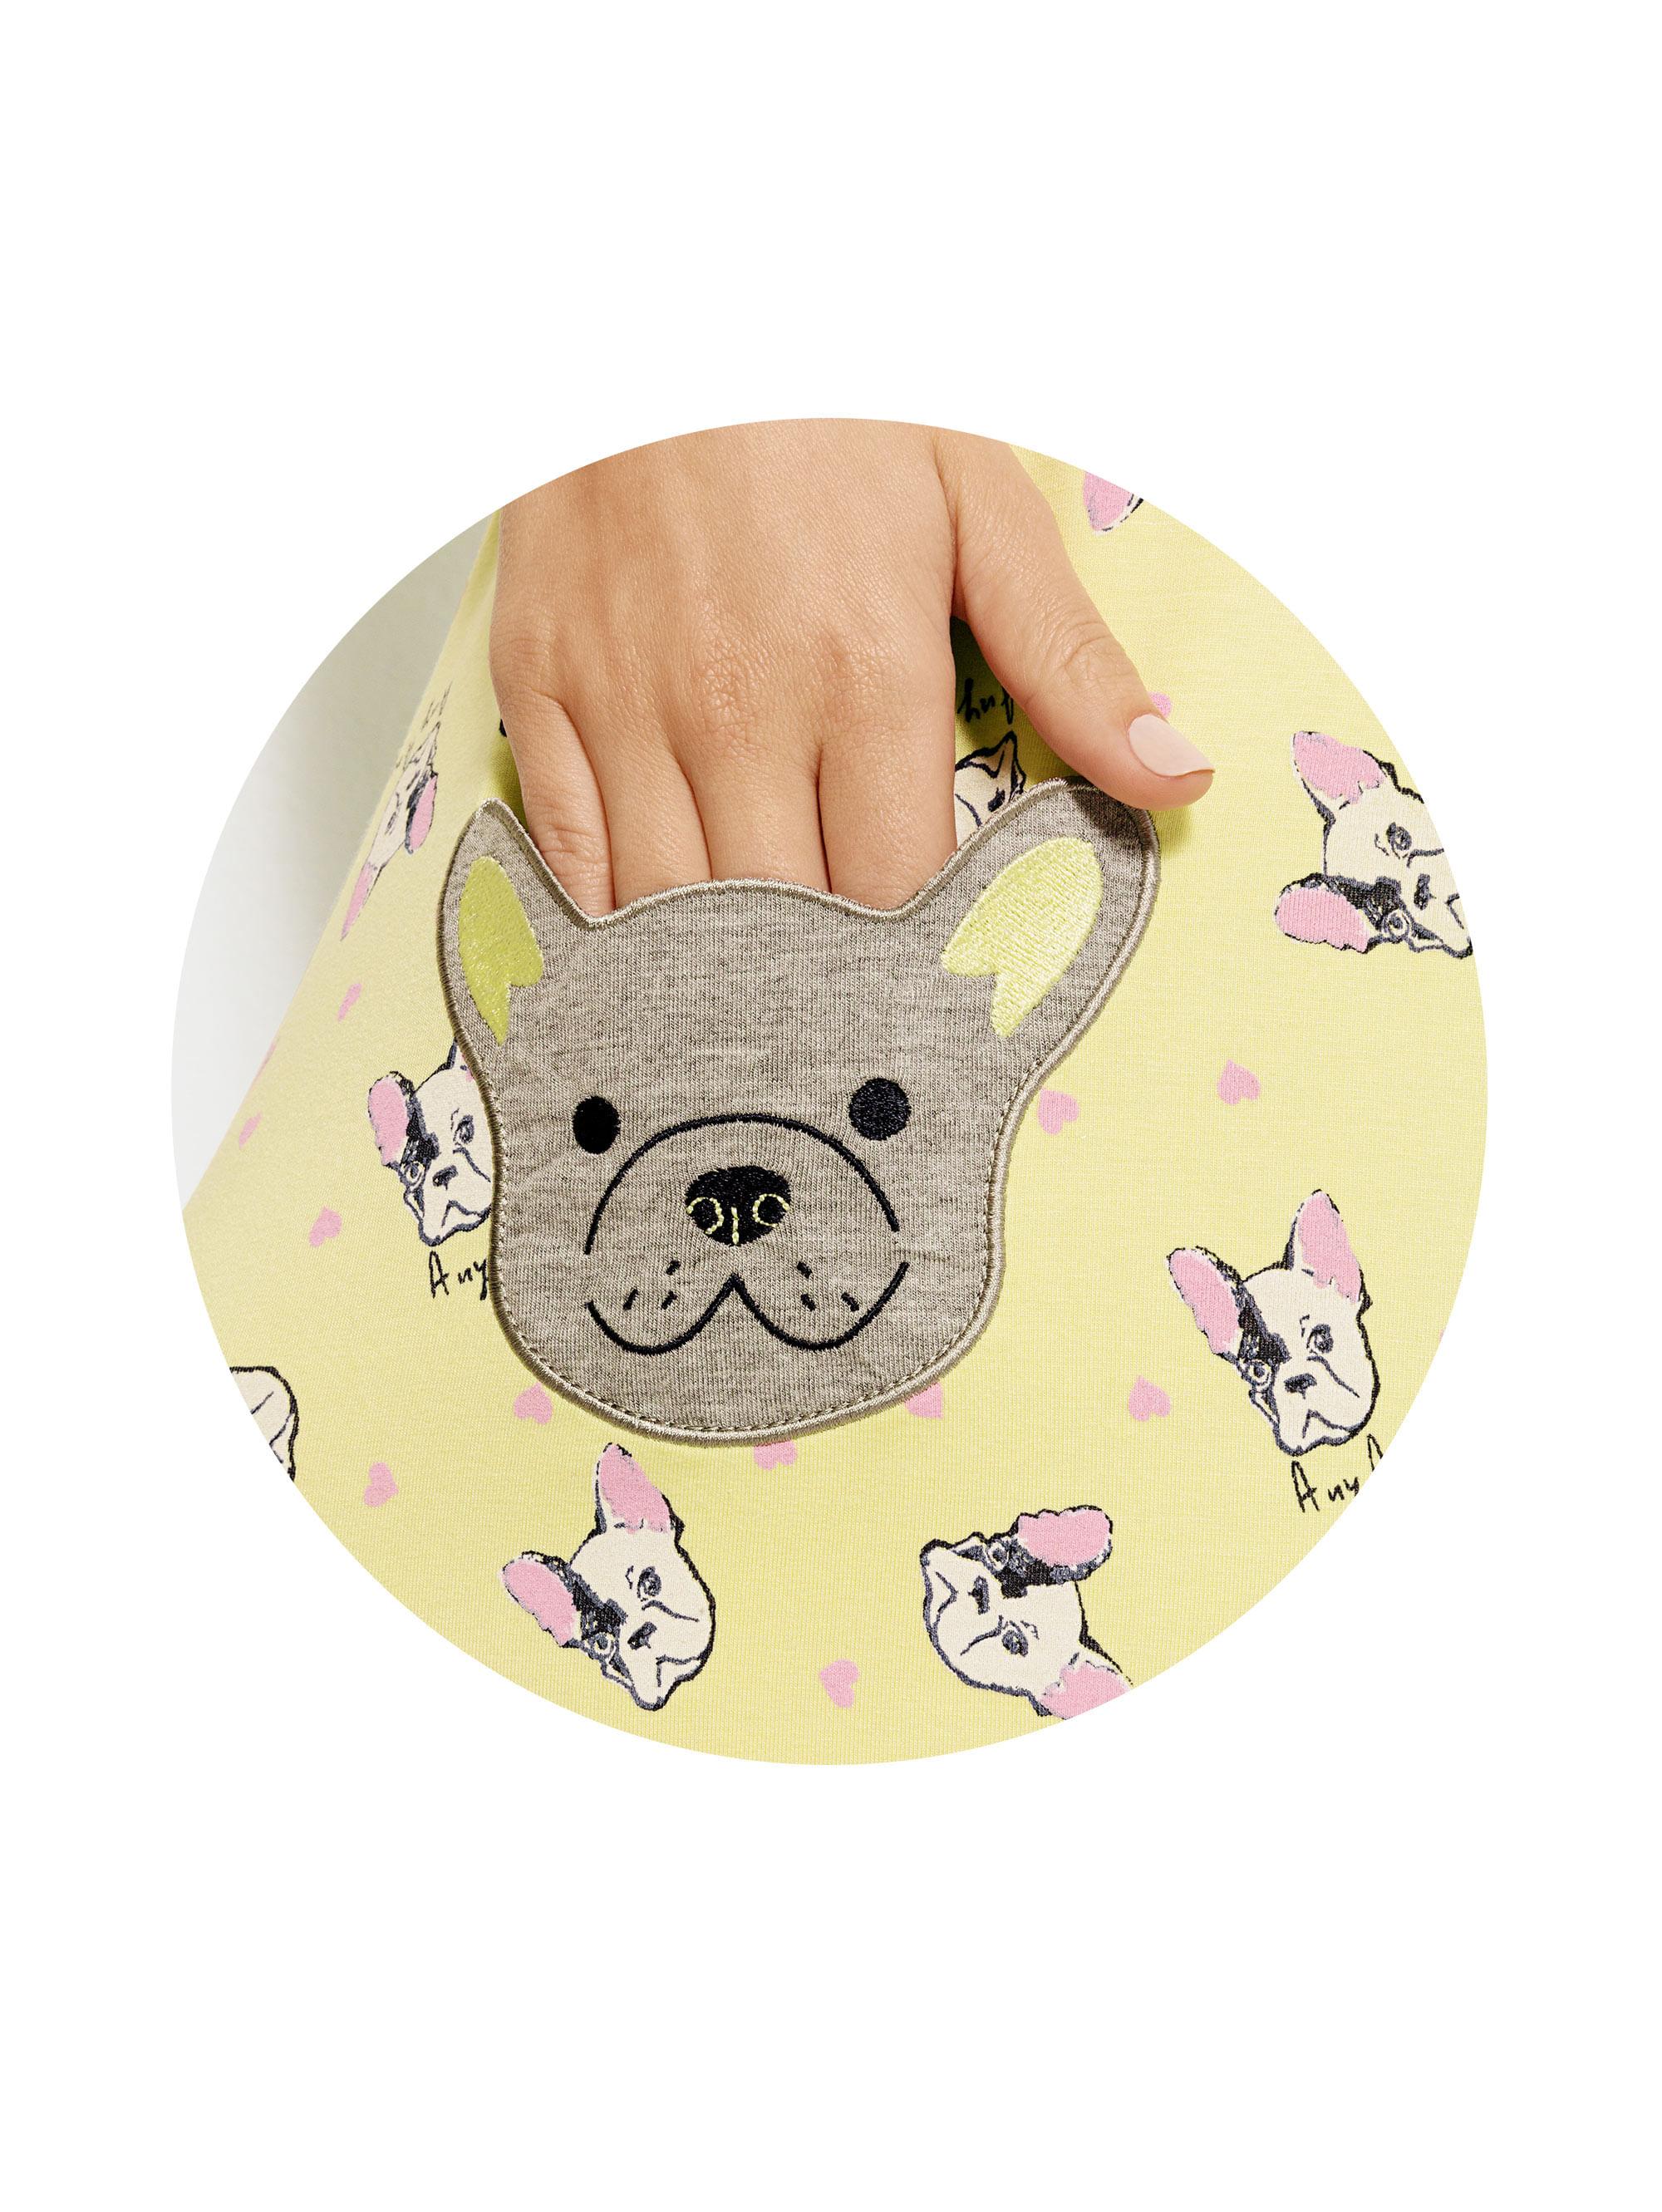 Camisola-e-Pijama-Manga-Curta-Yellow-Dog-01.03.1266-e-04.04.0508-Detalhes